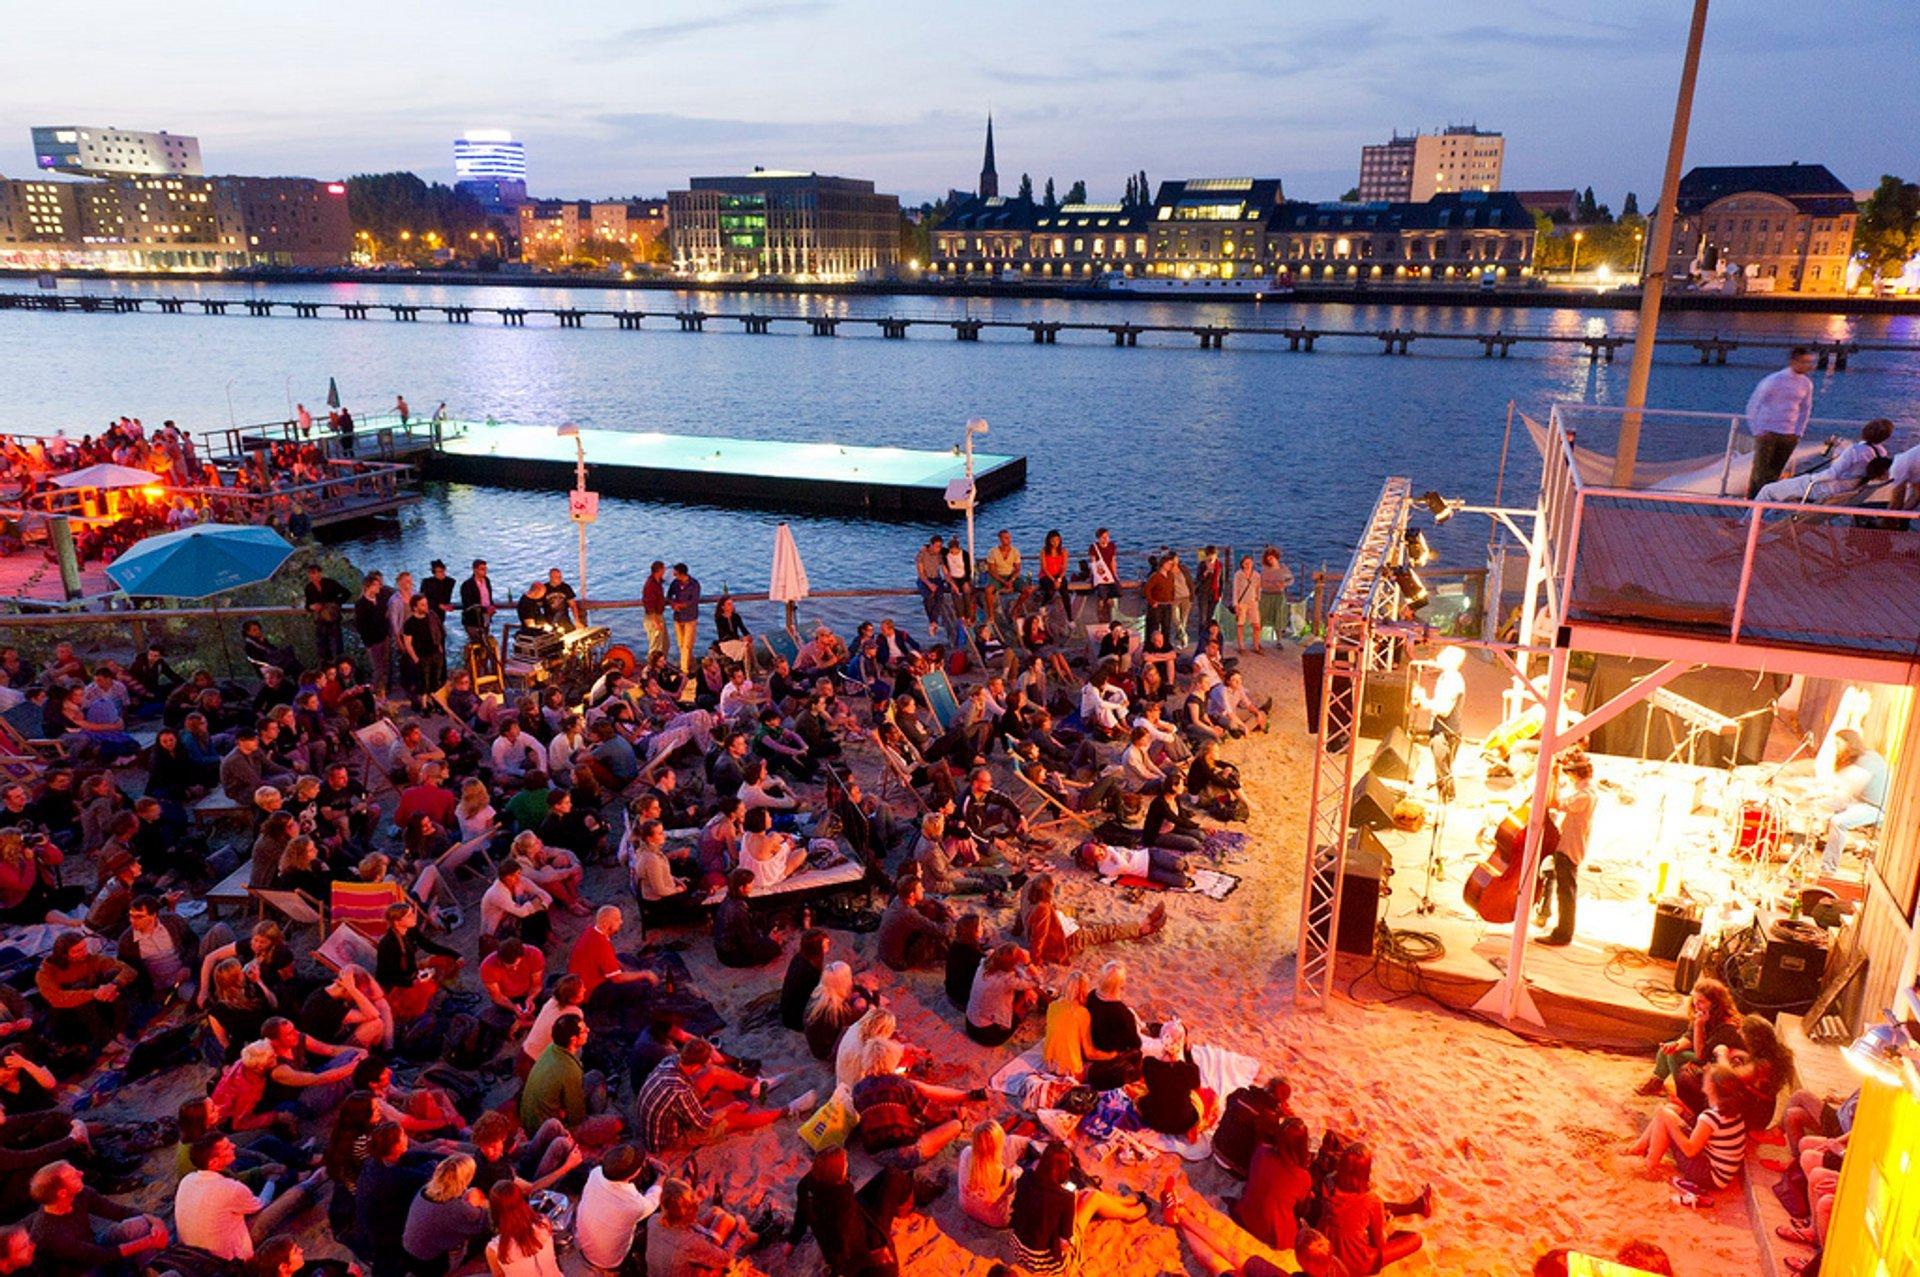 Badeschiff Bathing Season in Berlin 2019 - Best Time